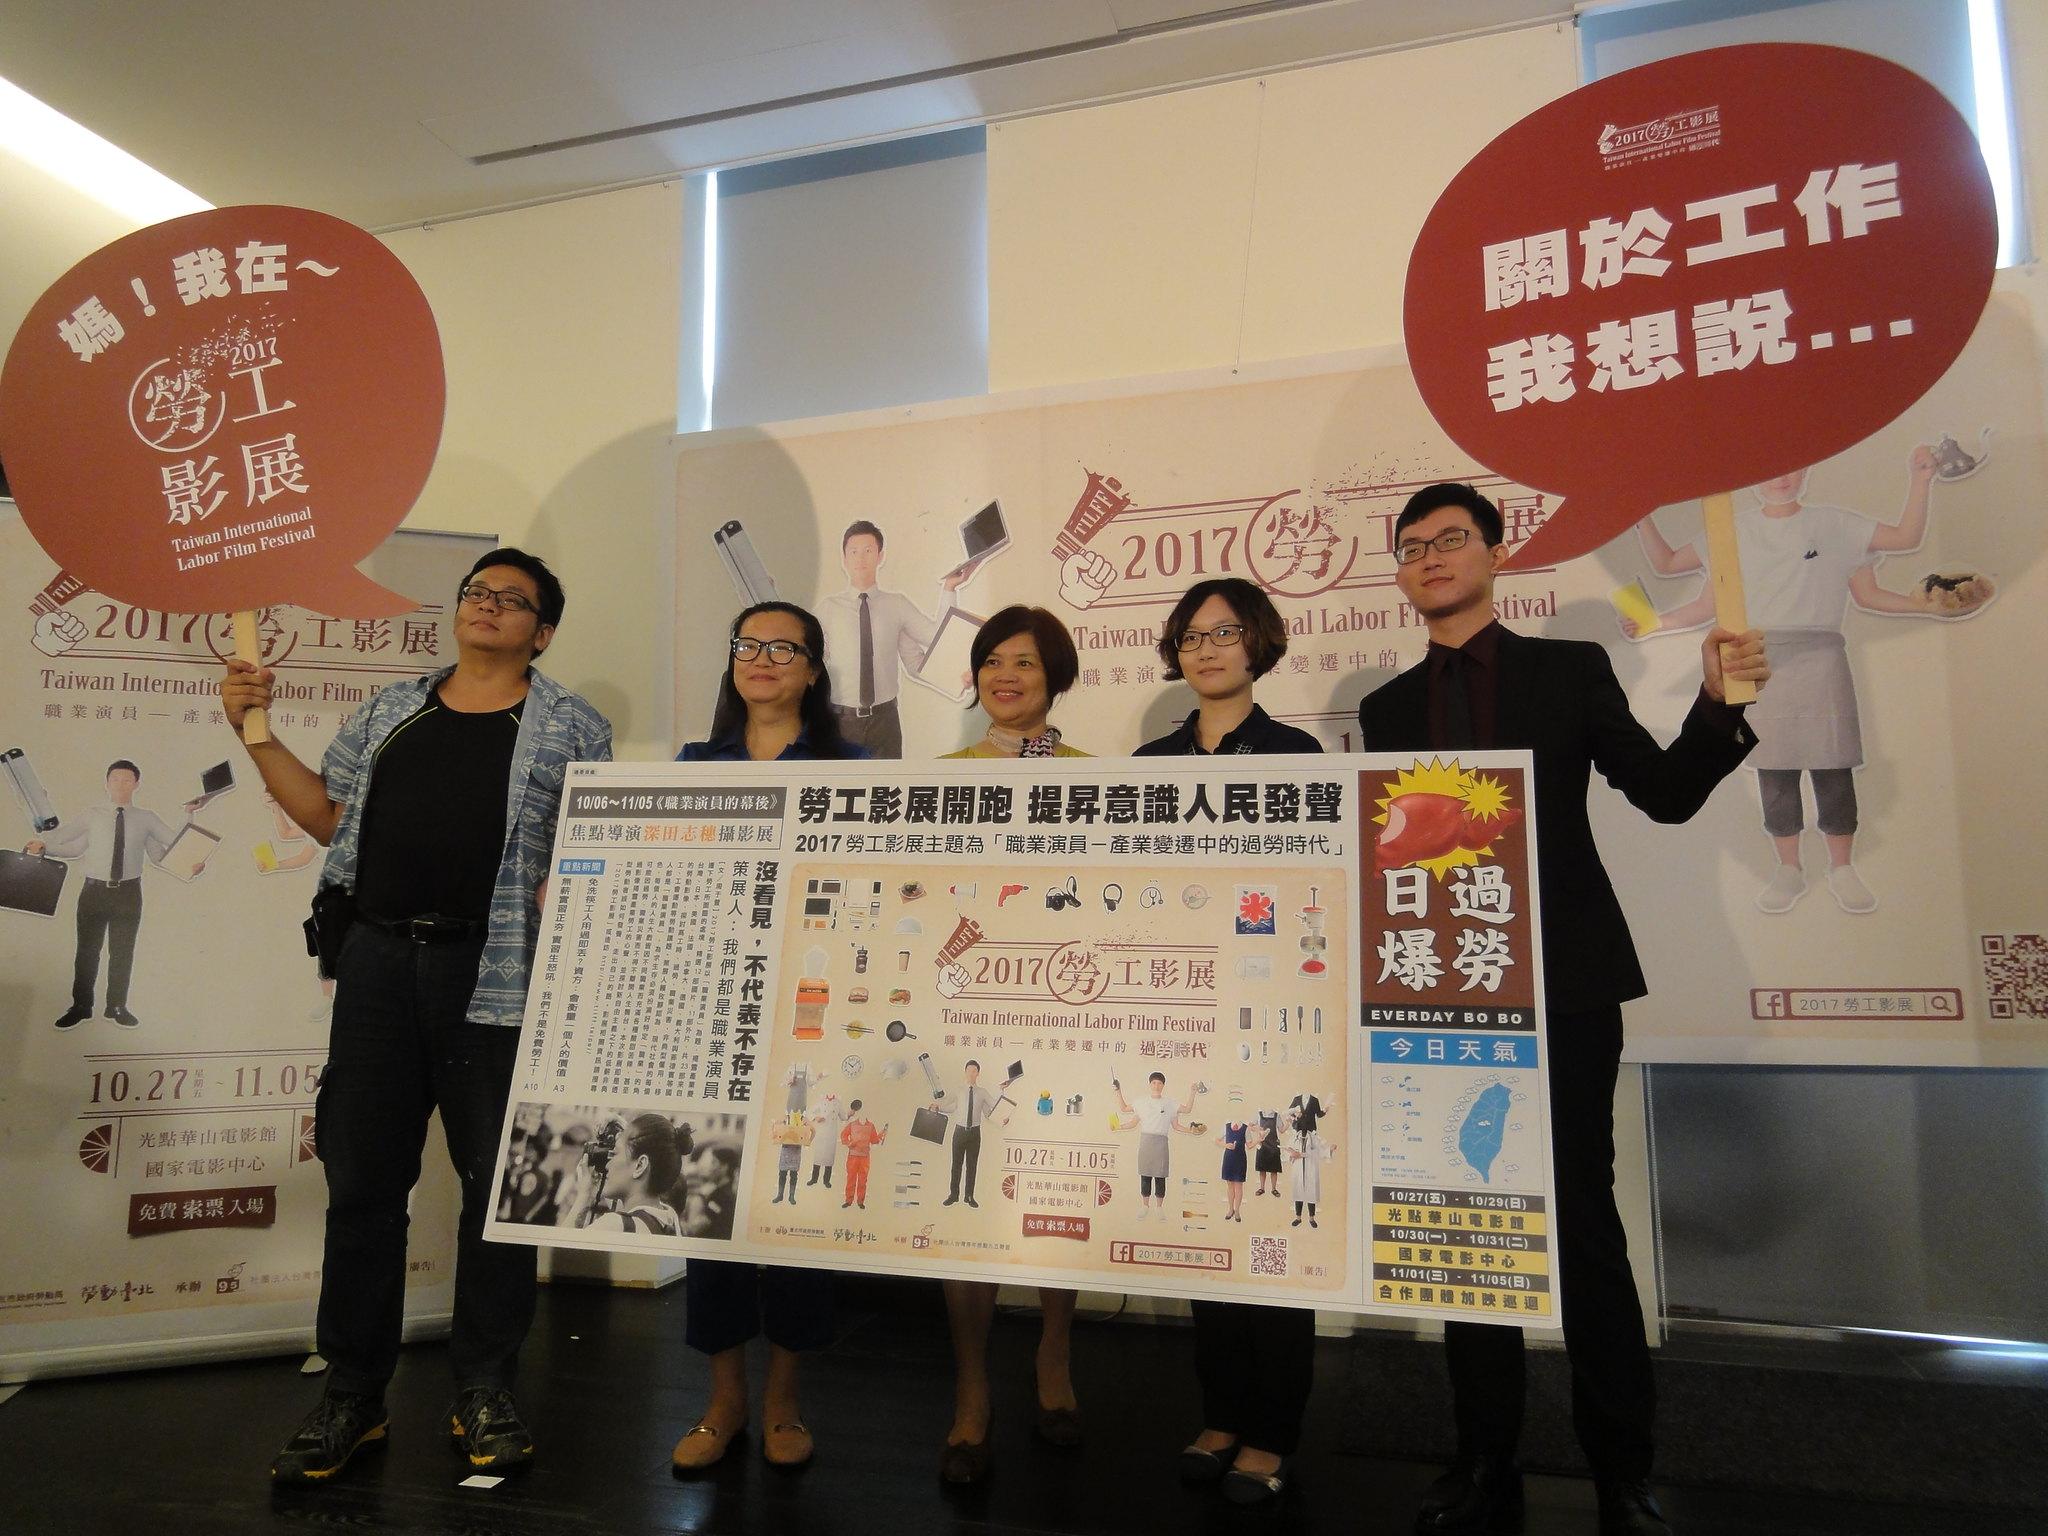 2017勞工影展10月27日開跑。(攝影:張智琦)